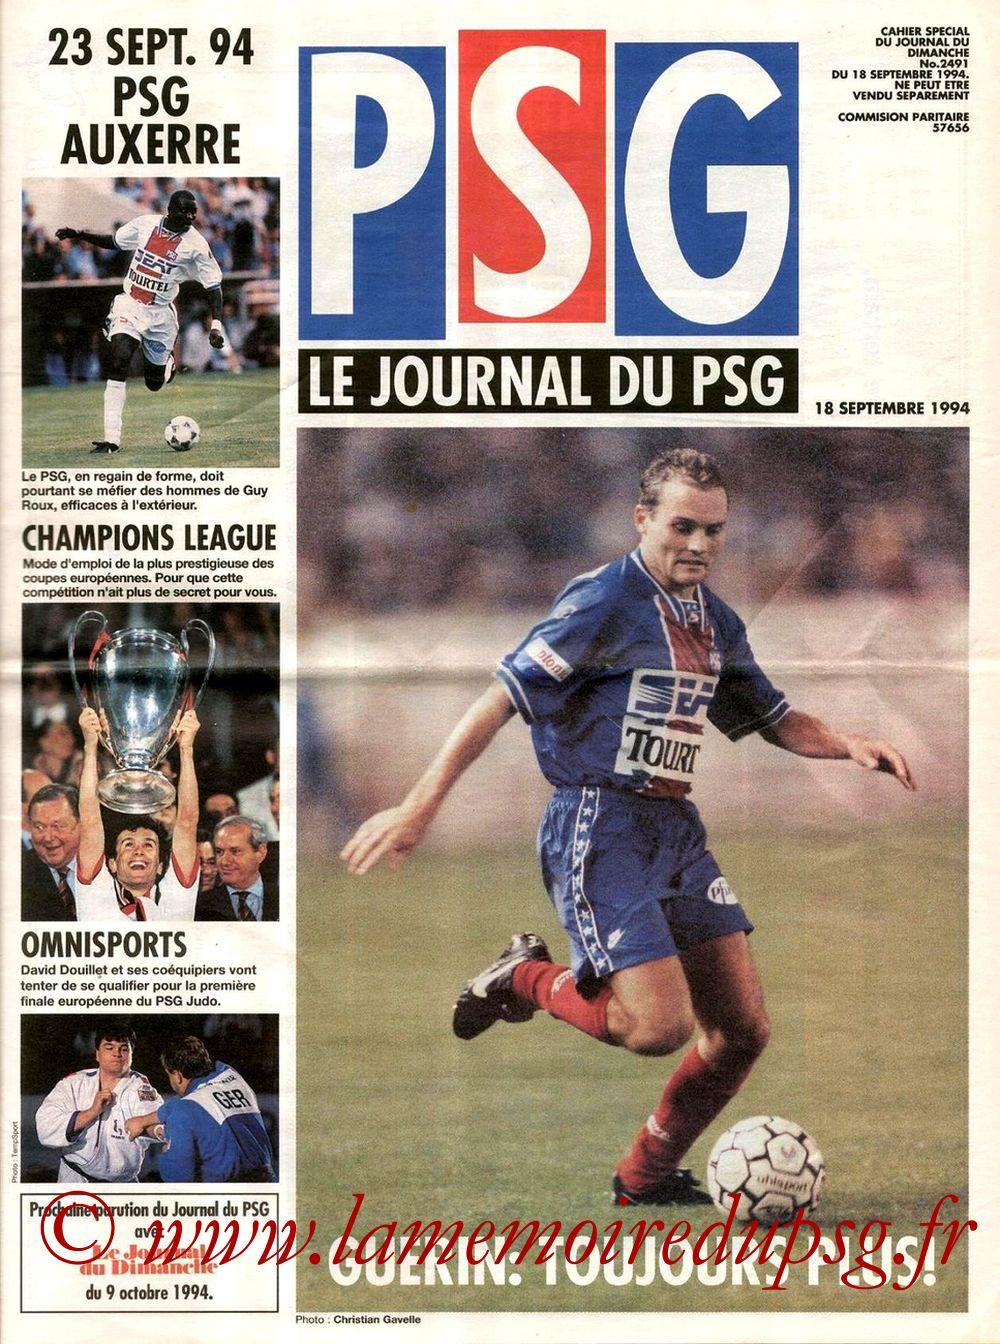 1994-09-23  PSG-Auxerre (10ème D1, Le journal du PSG N°4)